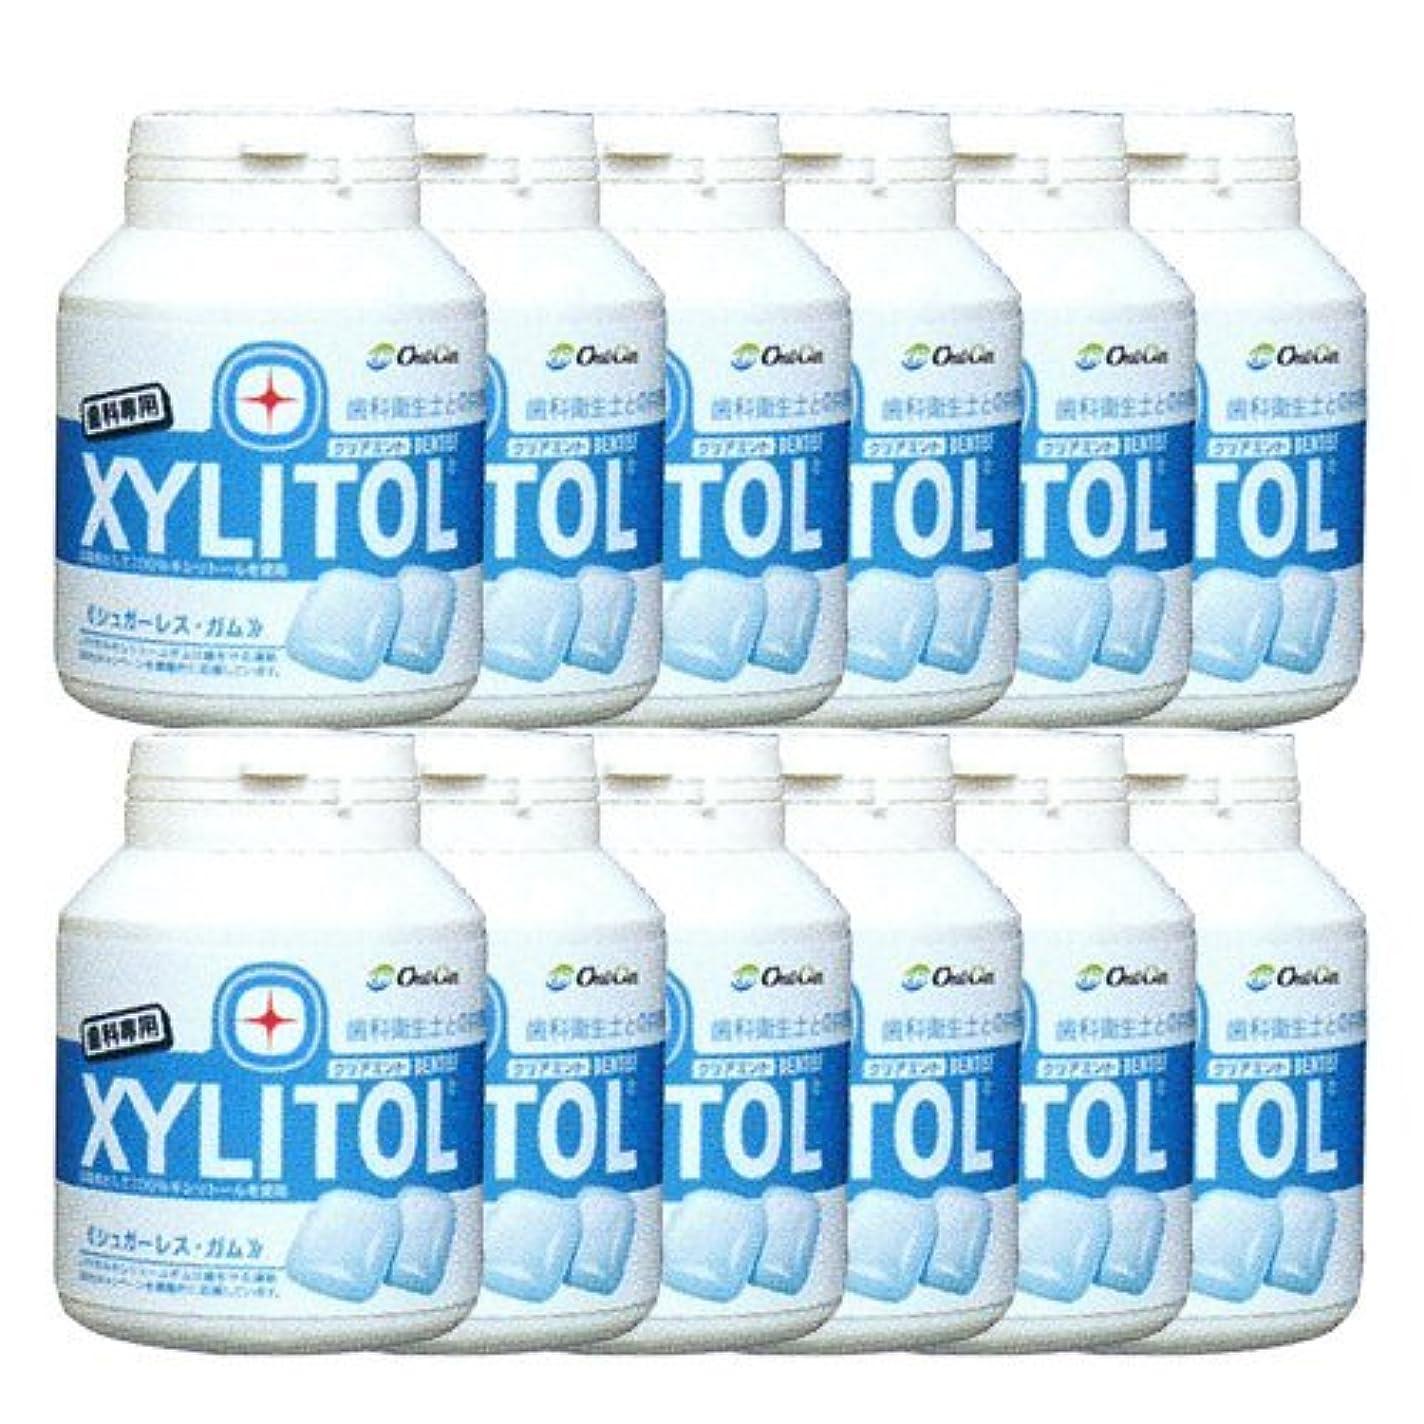 寄付する専門家族歯科専売品 キシリトール ガム ボトル タイプ 90粒×12本 クリアミント キシリトール 100%